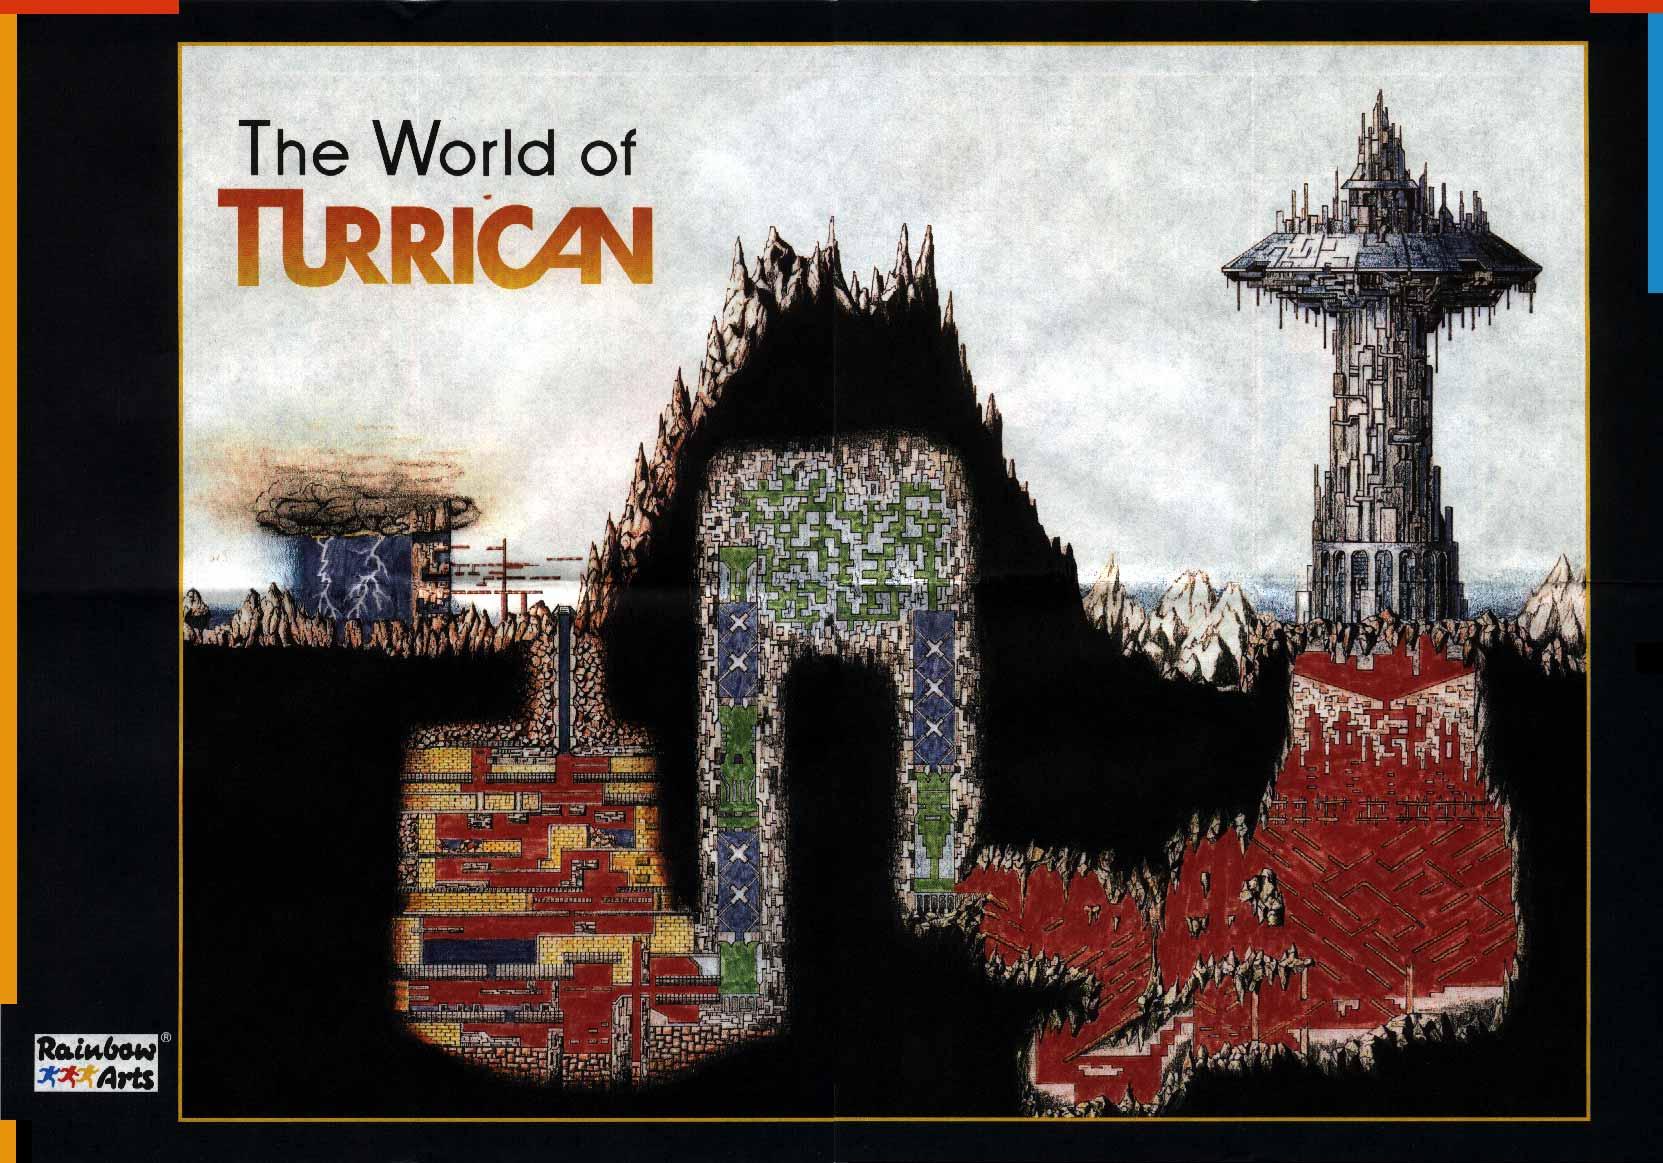 worldofturrican